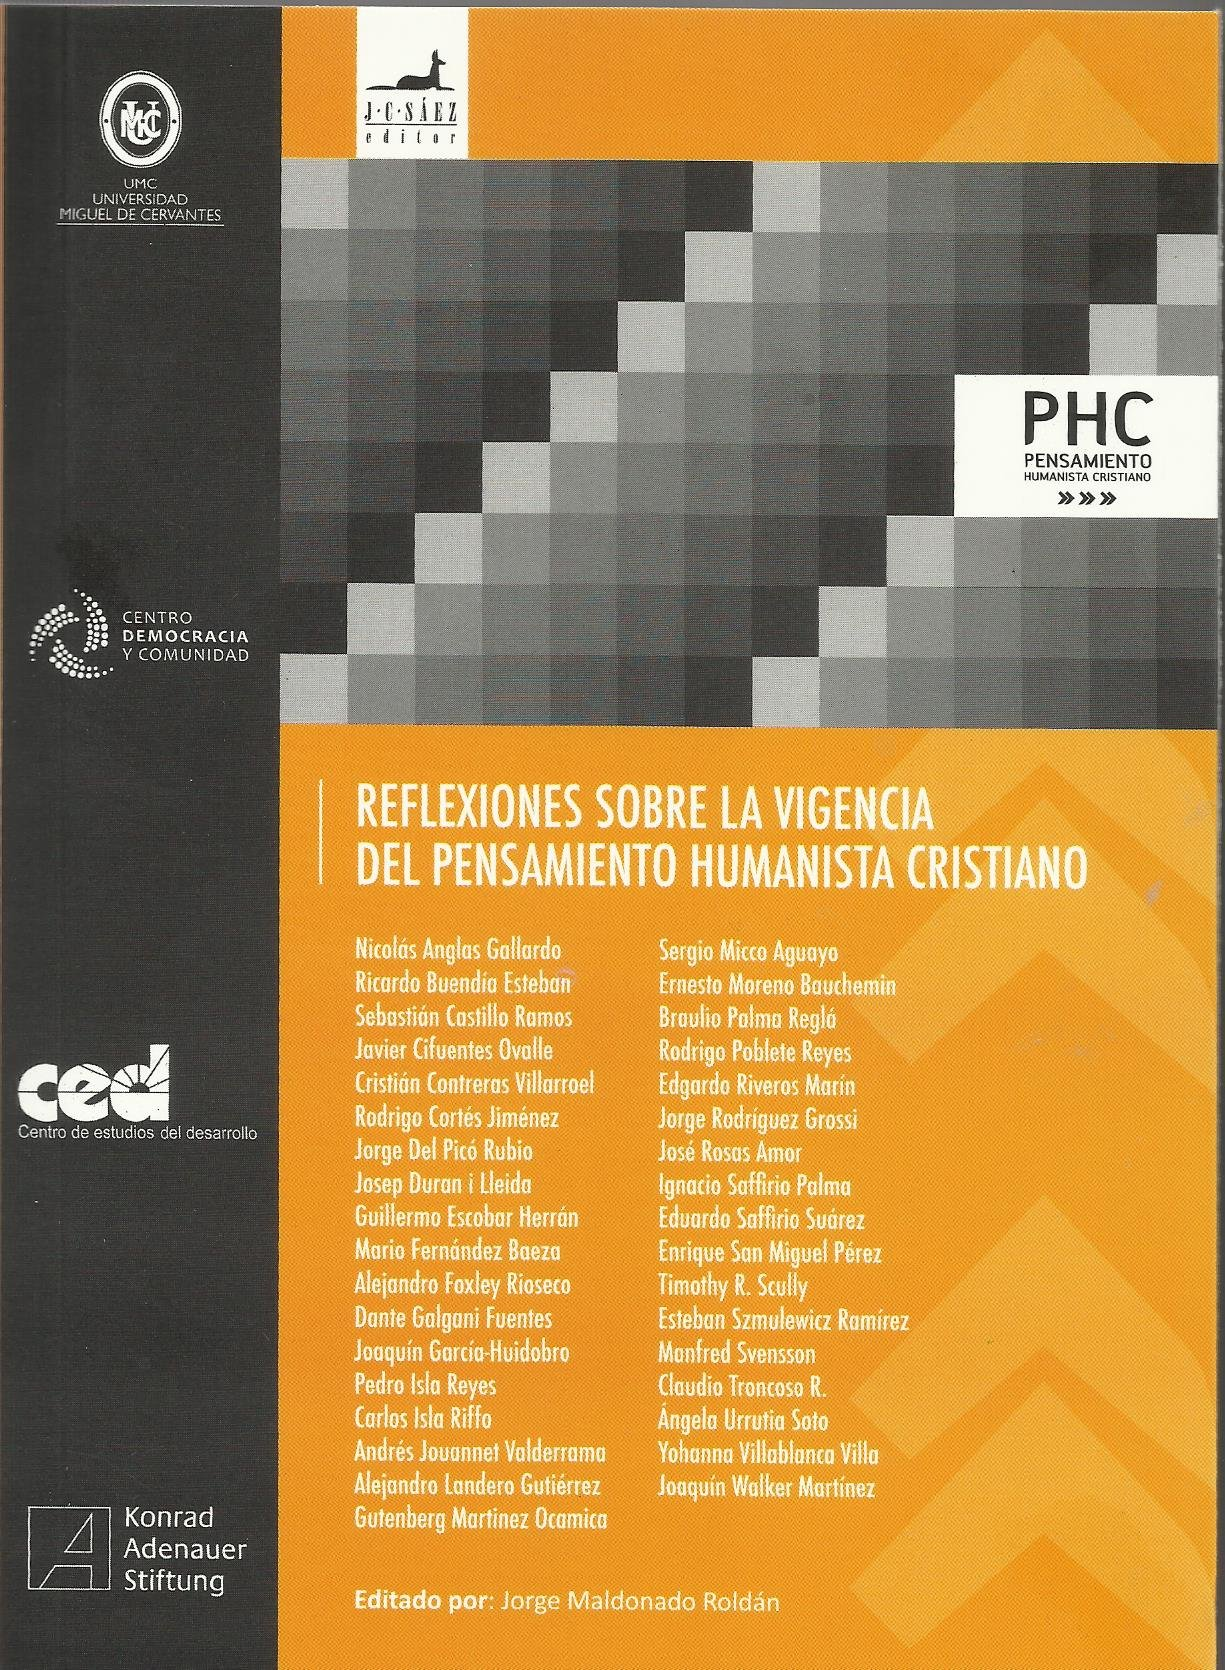 Reflexiones Sobre La Vigencia Del Pensamiento Humanista Cristiano: Jorge  Editor Madonado: 9789563061031: Amazon: Books